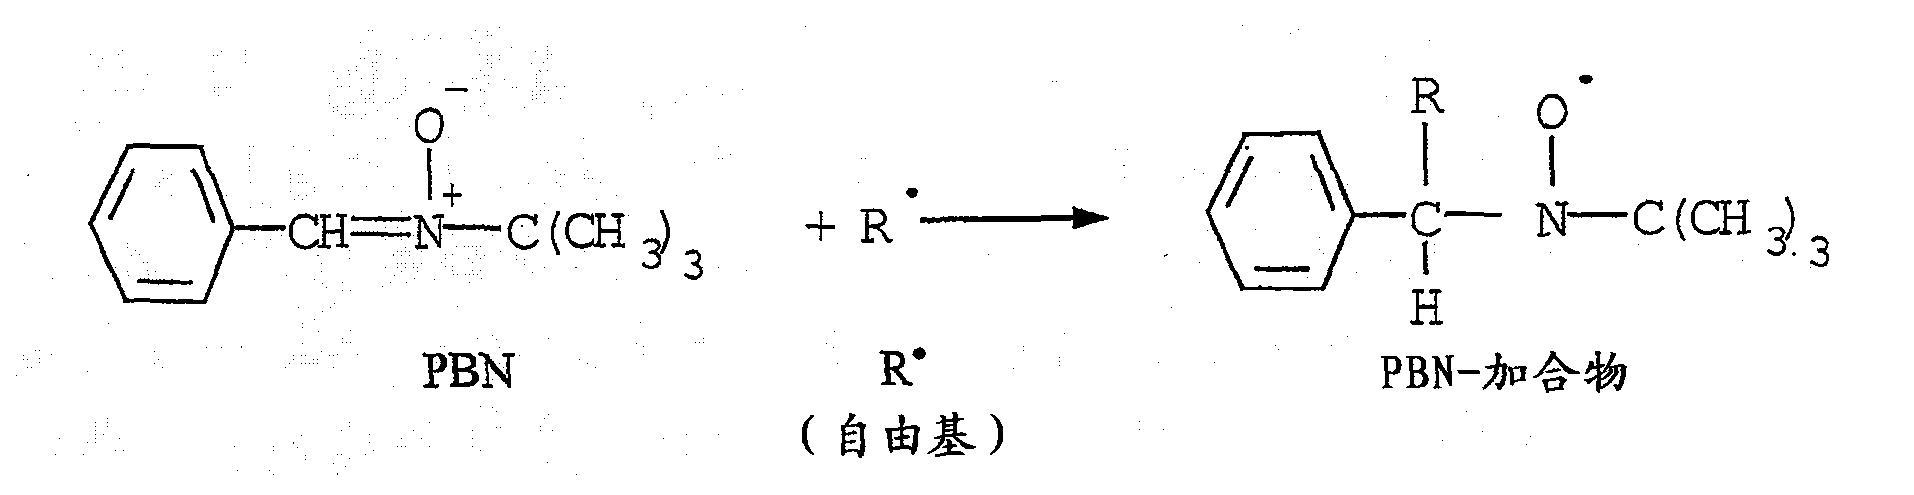 Figure CN1997910BD00071